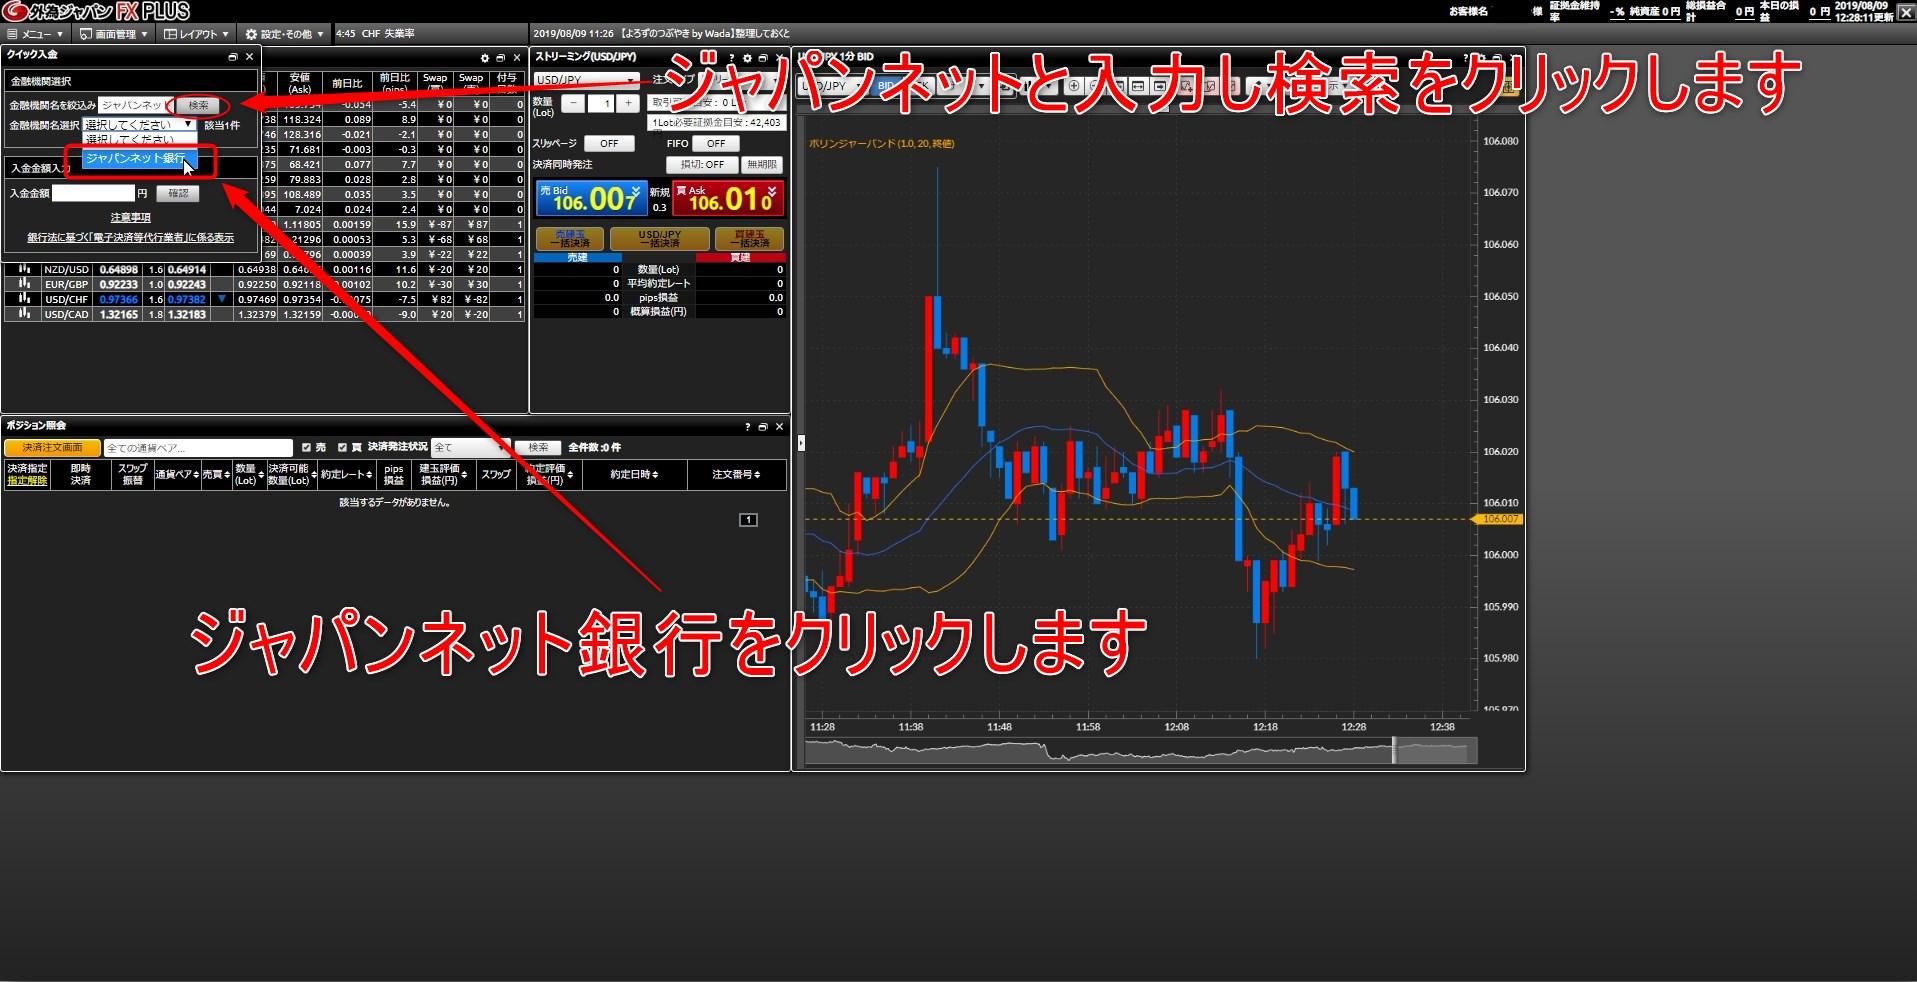 ジャパンネット銀行を検索